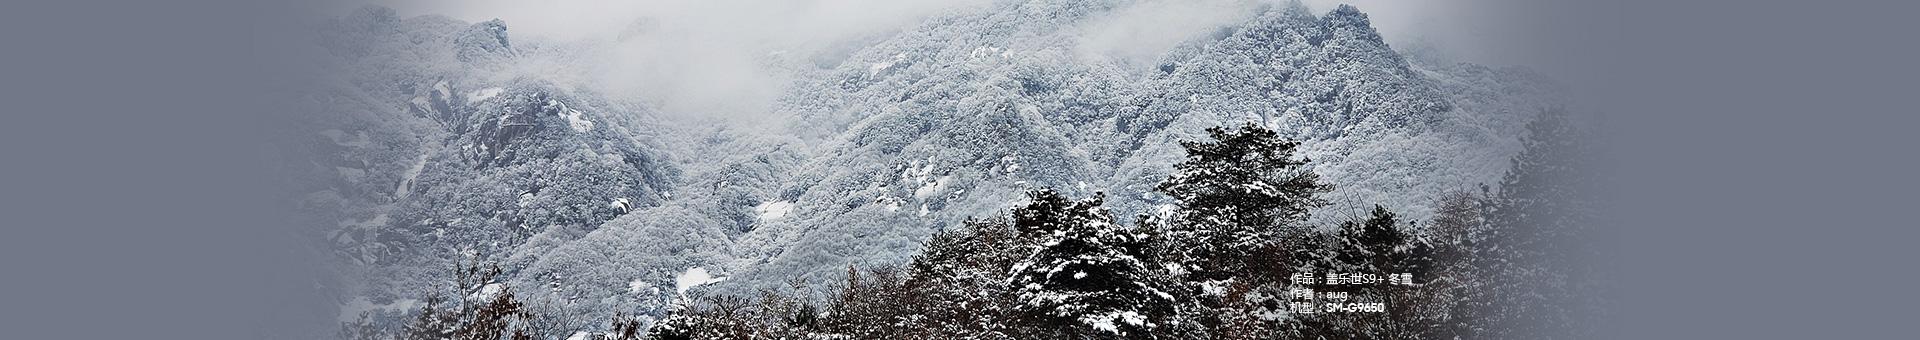 盖乐世S9+ 冬雪